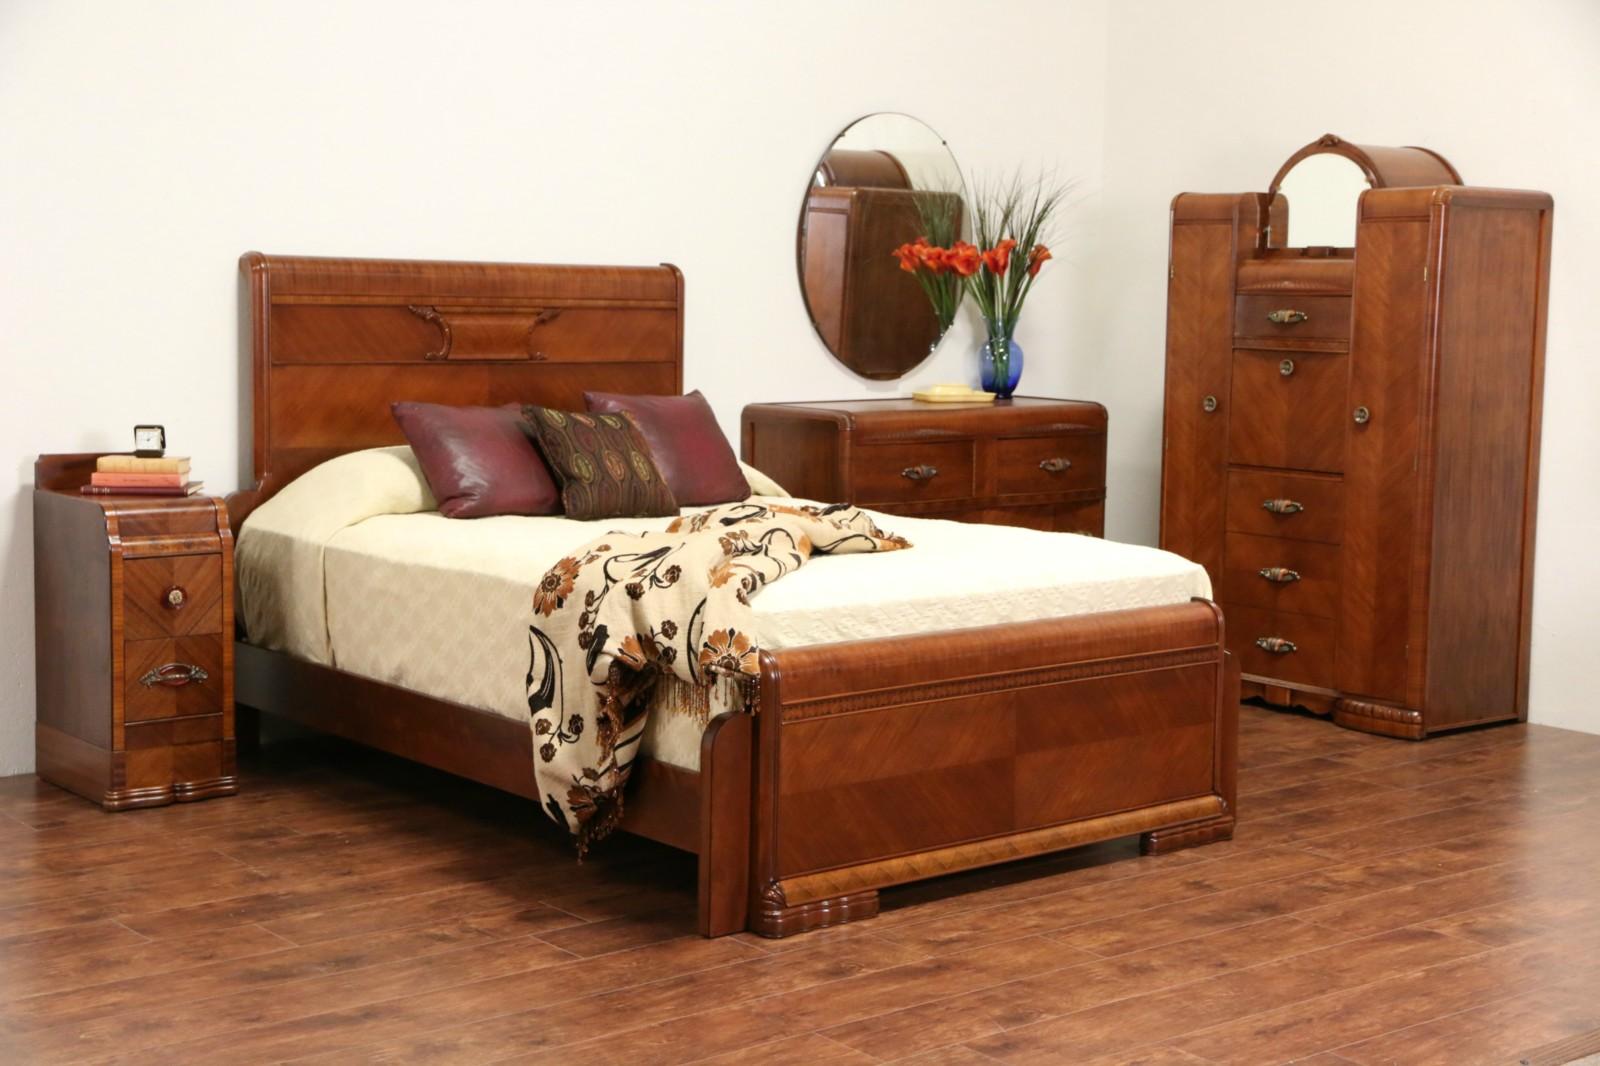 SOLD Art Deco Waterfall 1935 Queen Size 4 Pc Bedroom Set Cedar